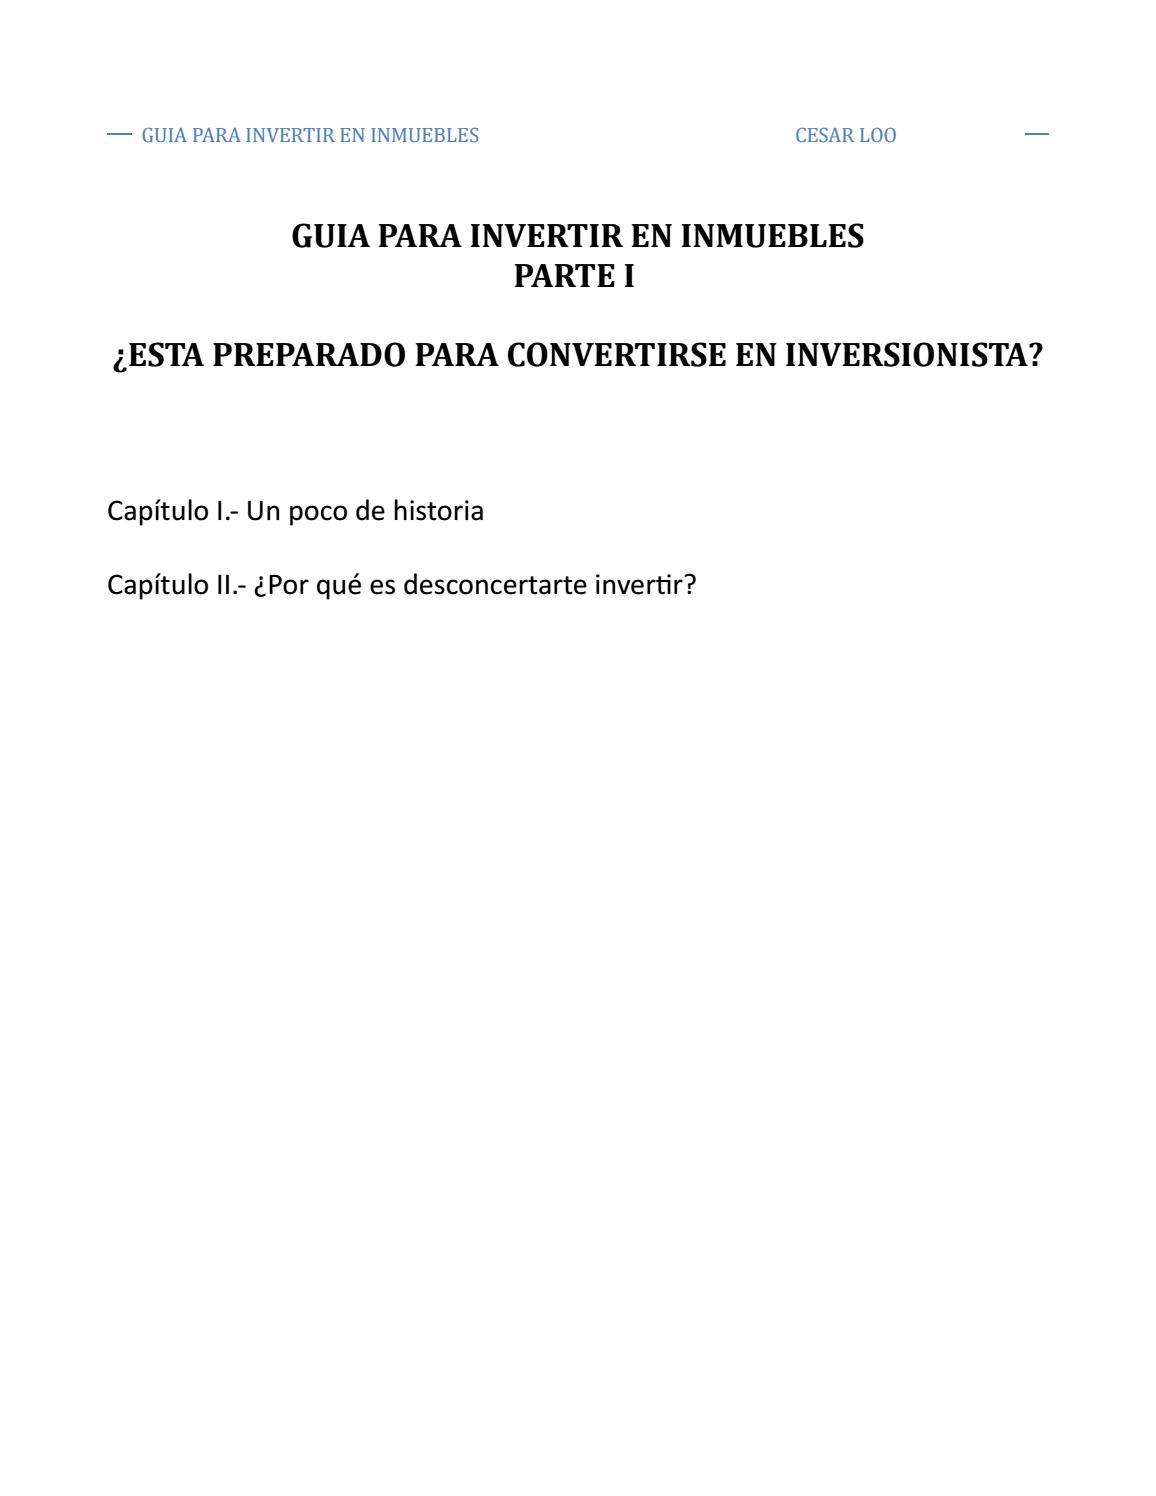 Guia para inertir en inmuebles by Cesar Loo - issuu